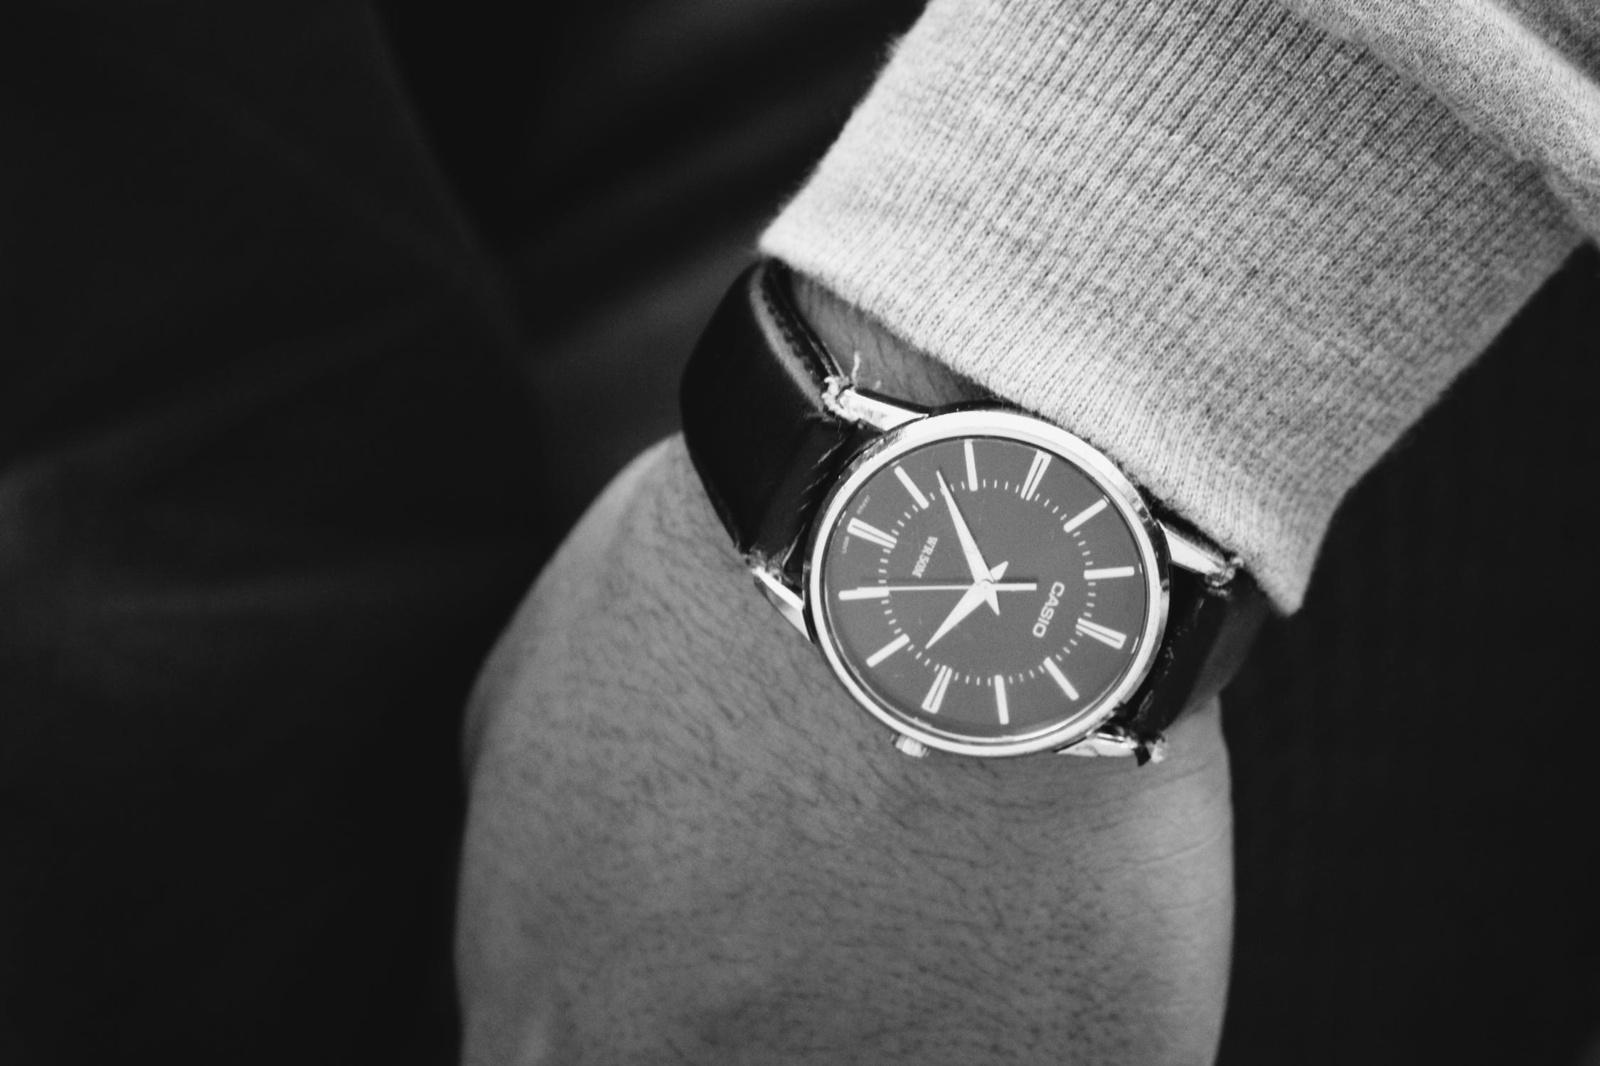 Segėti laikrodį verta ne tik dėl punktualumo